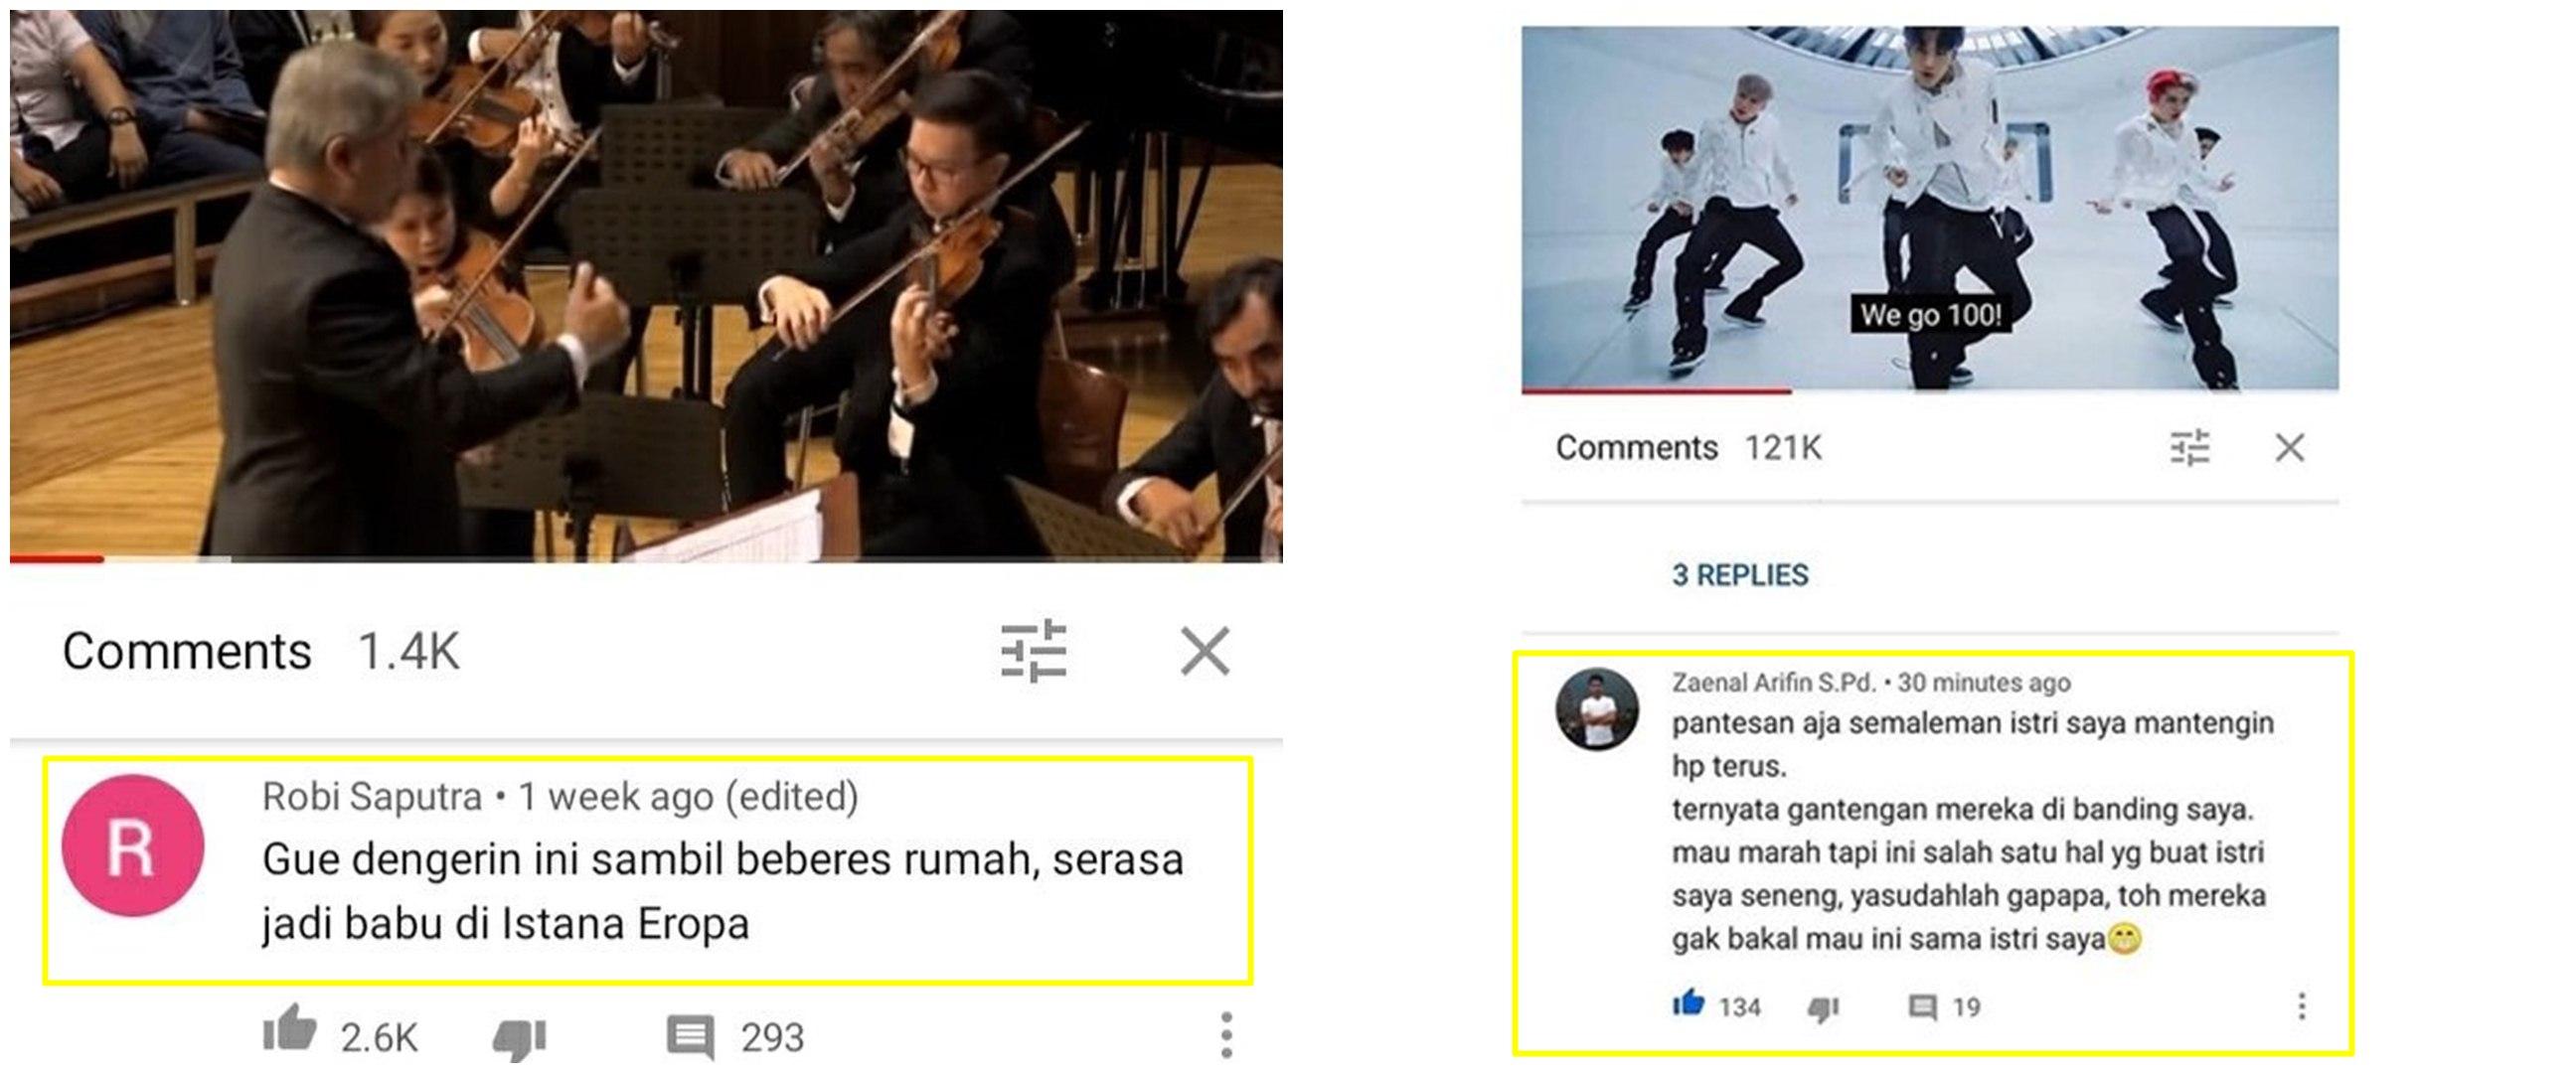 10 Curhat lucu di komentar YouTube ini bikin cekikikan